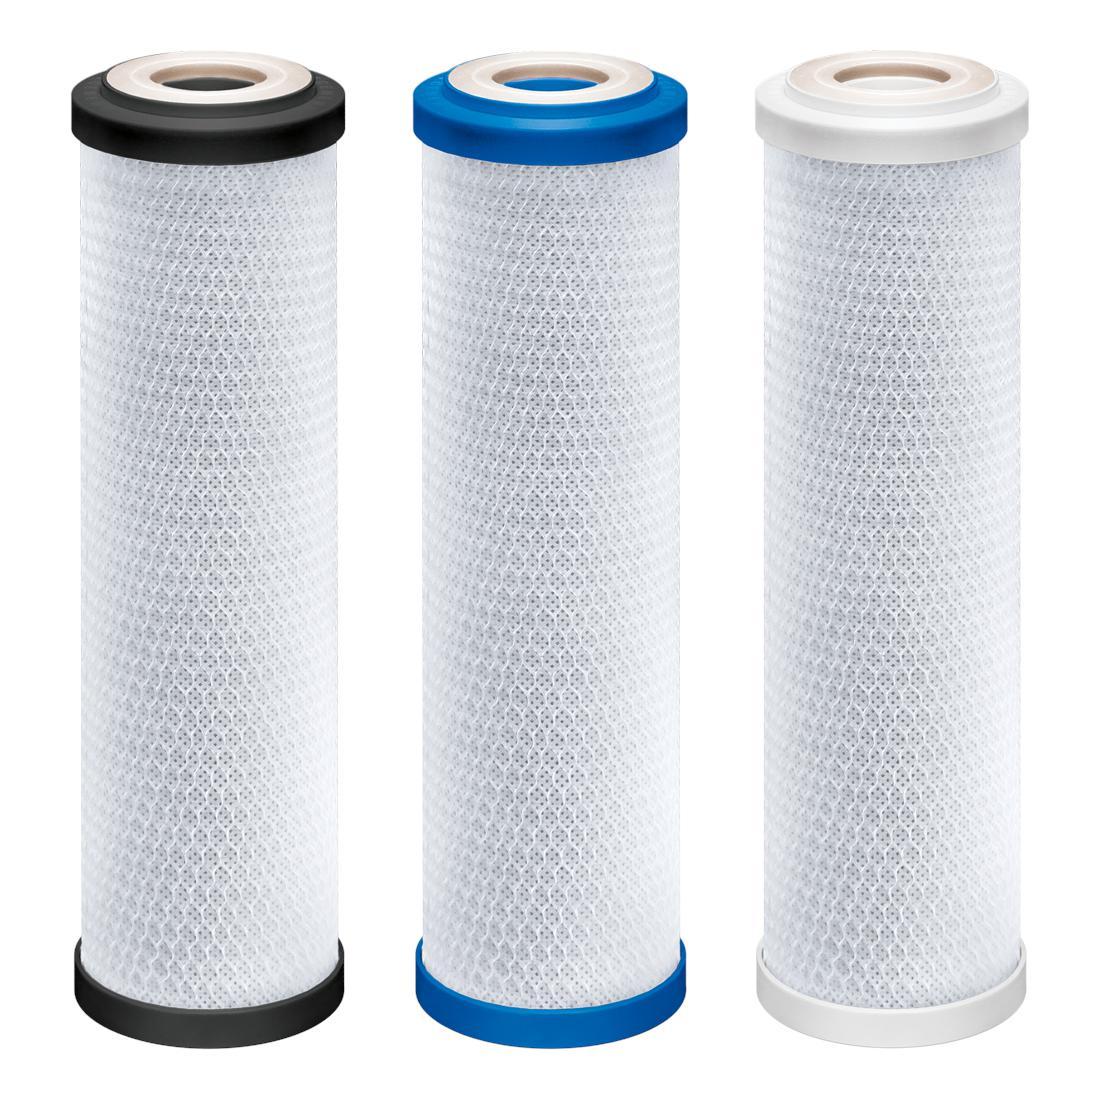 Комплект АКВАФОР В510-03-02-07 И6456 комплектующие для фильтров kristalfilter slim 10 cp угп 10